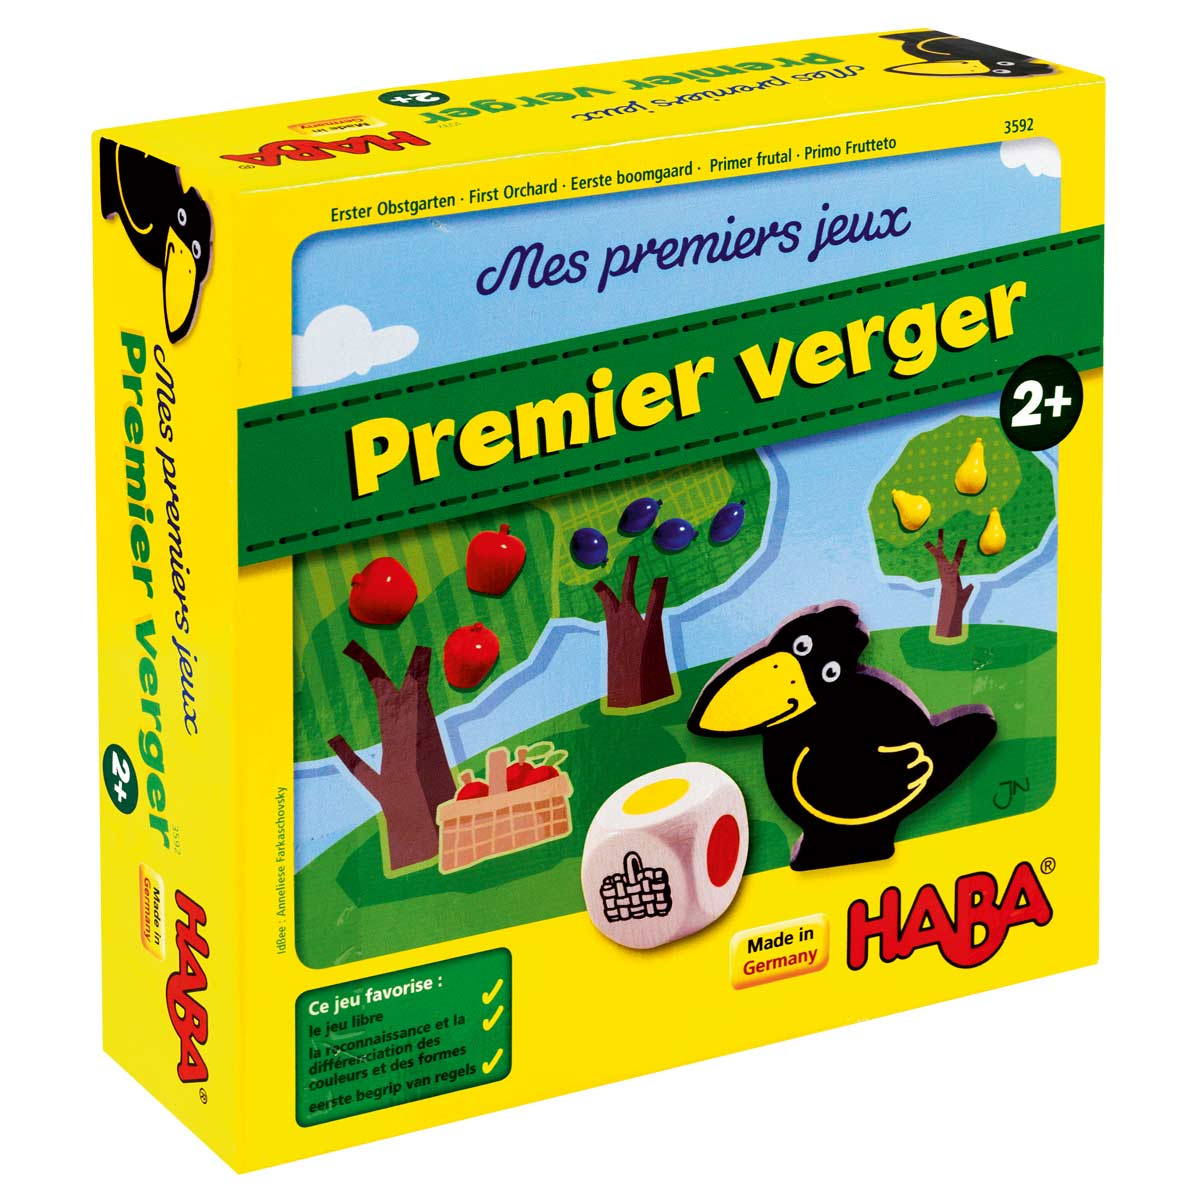 Jeu De Société Mon Premier Verger destiné Jeux Gratuits Pour Enfants De 3 Ans